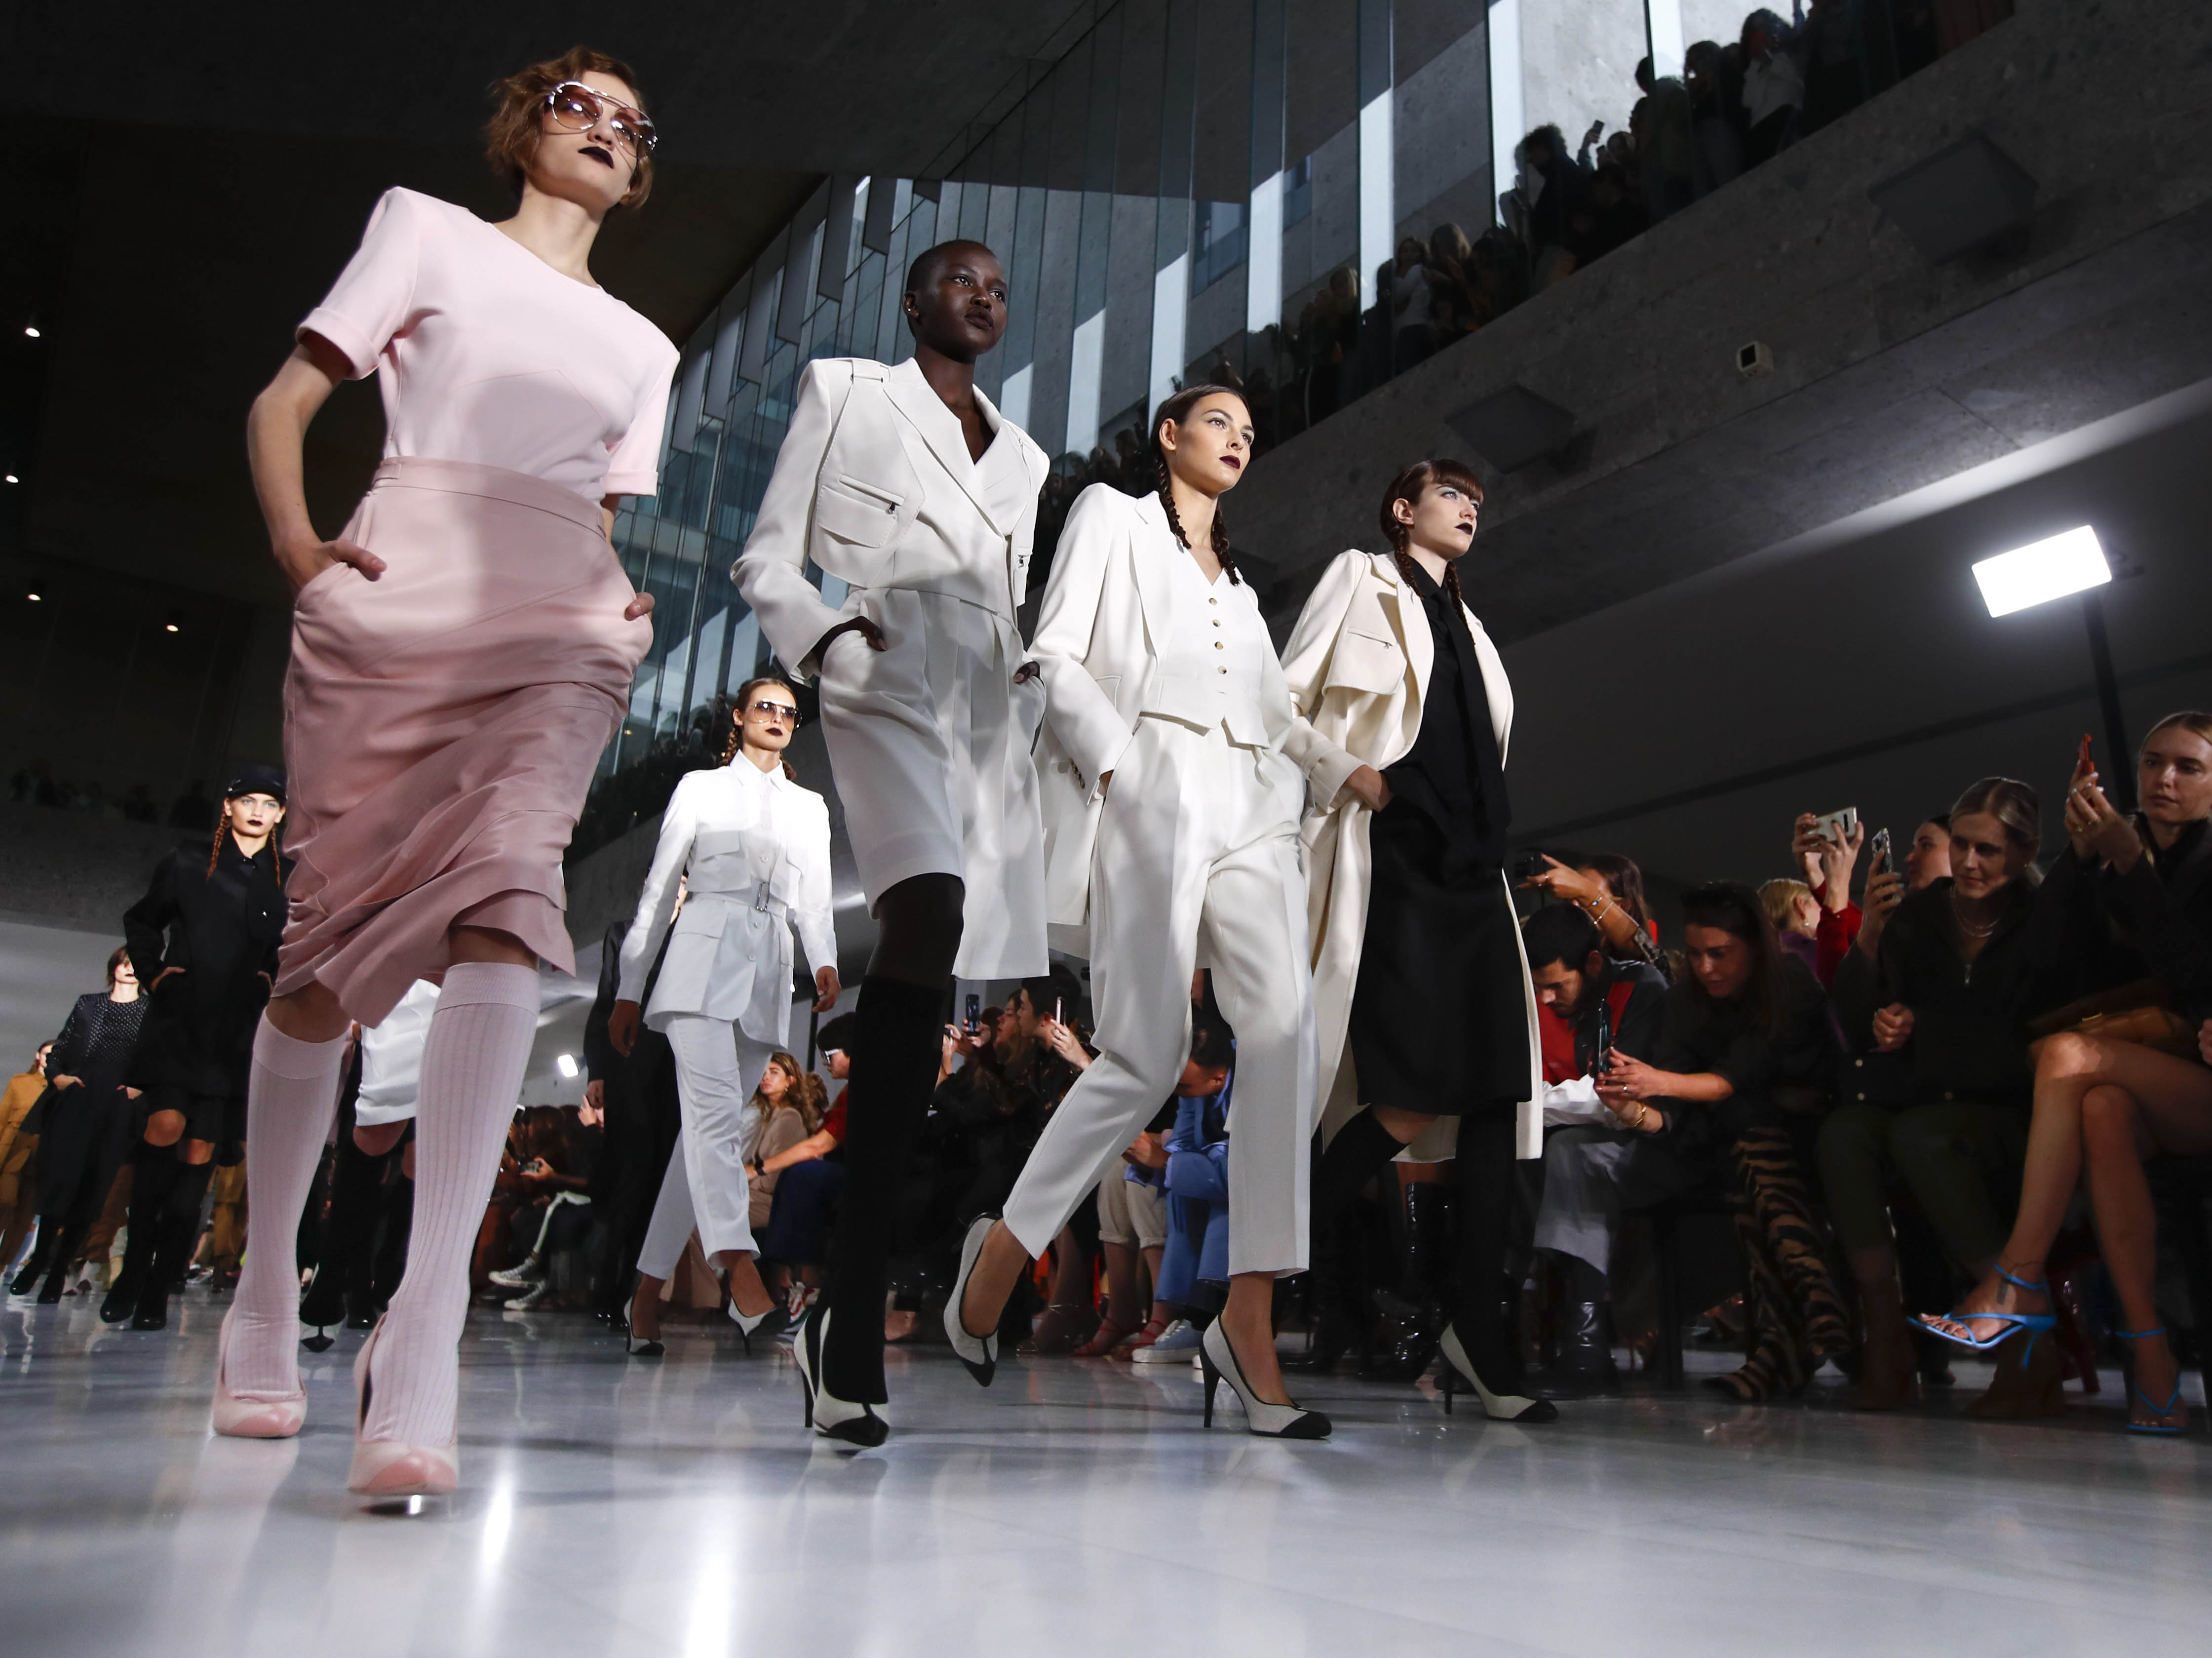 Giacche di pelle: i modelli più cool della primavera estate 2019